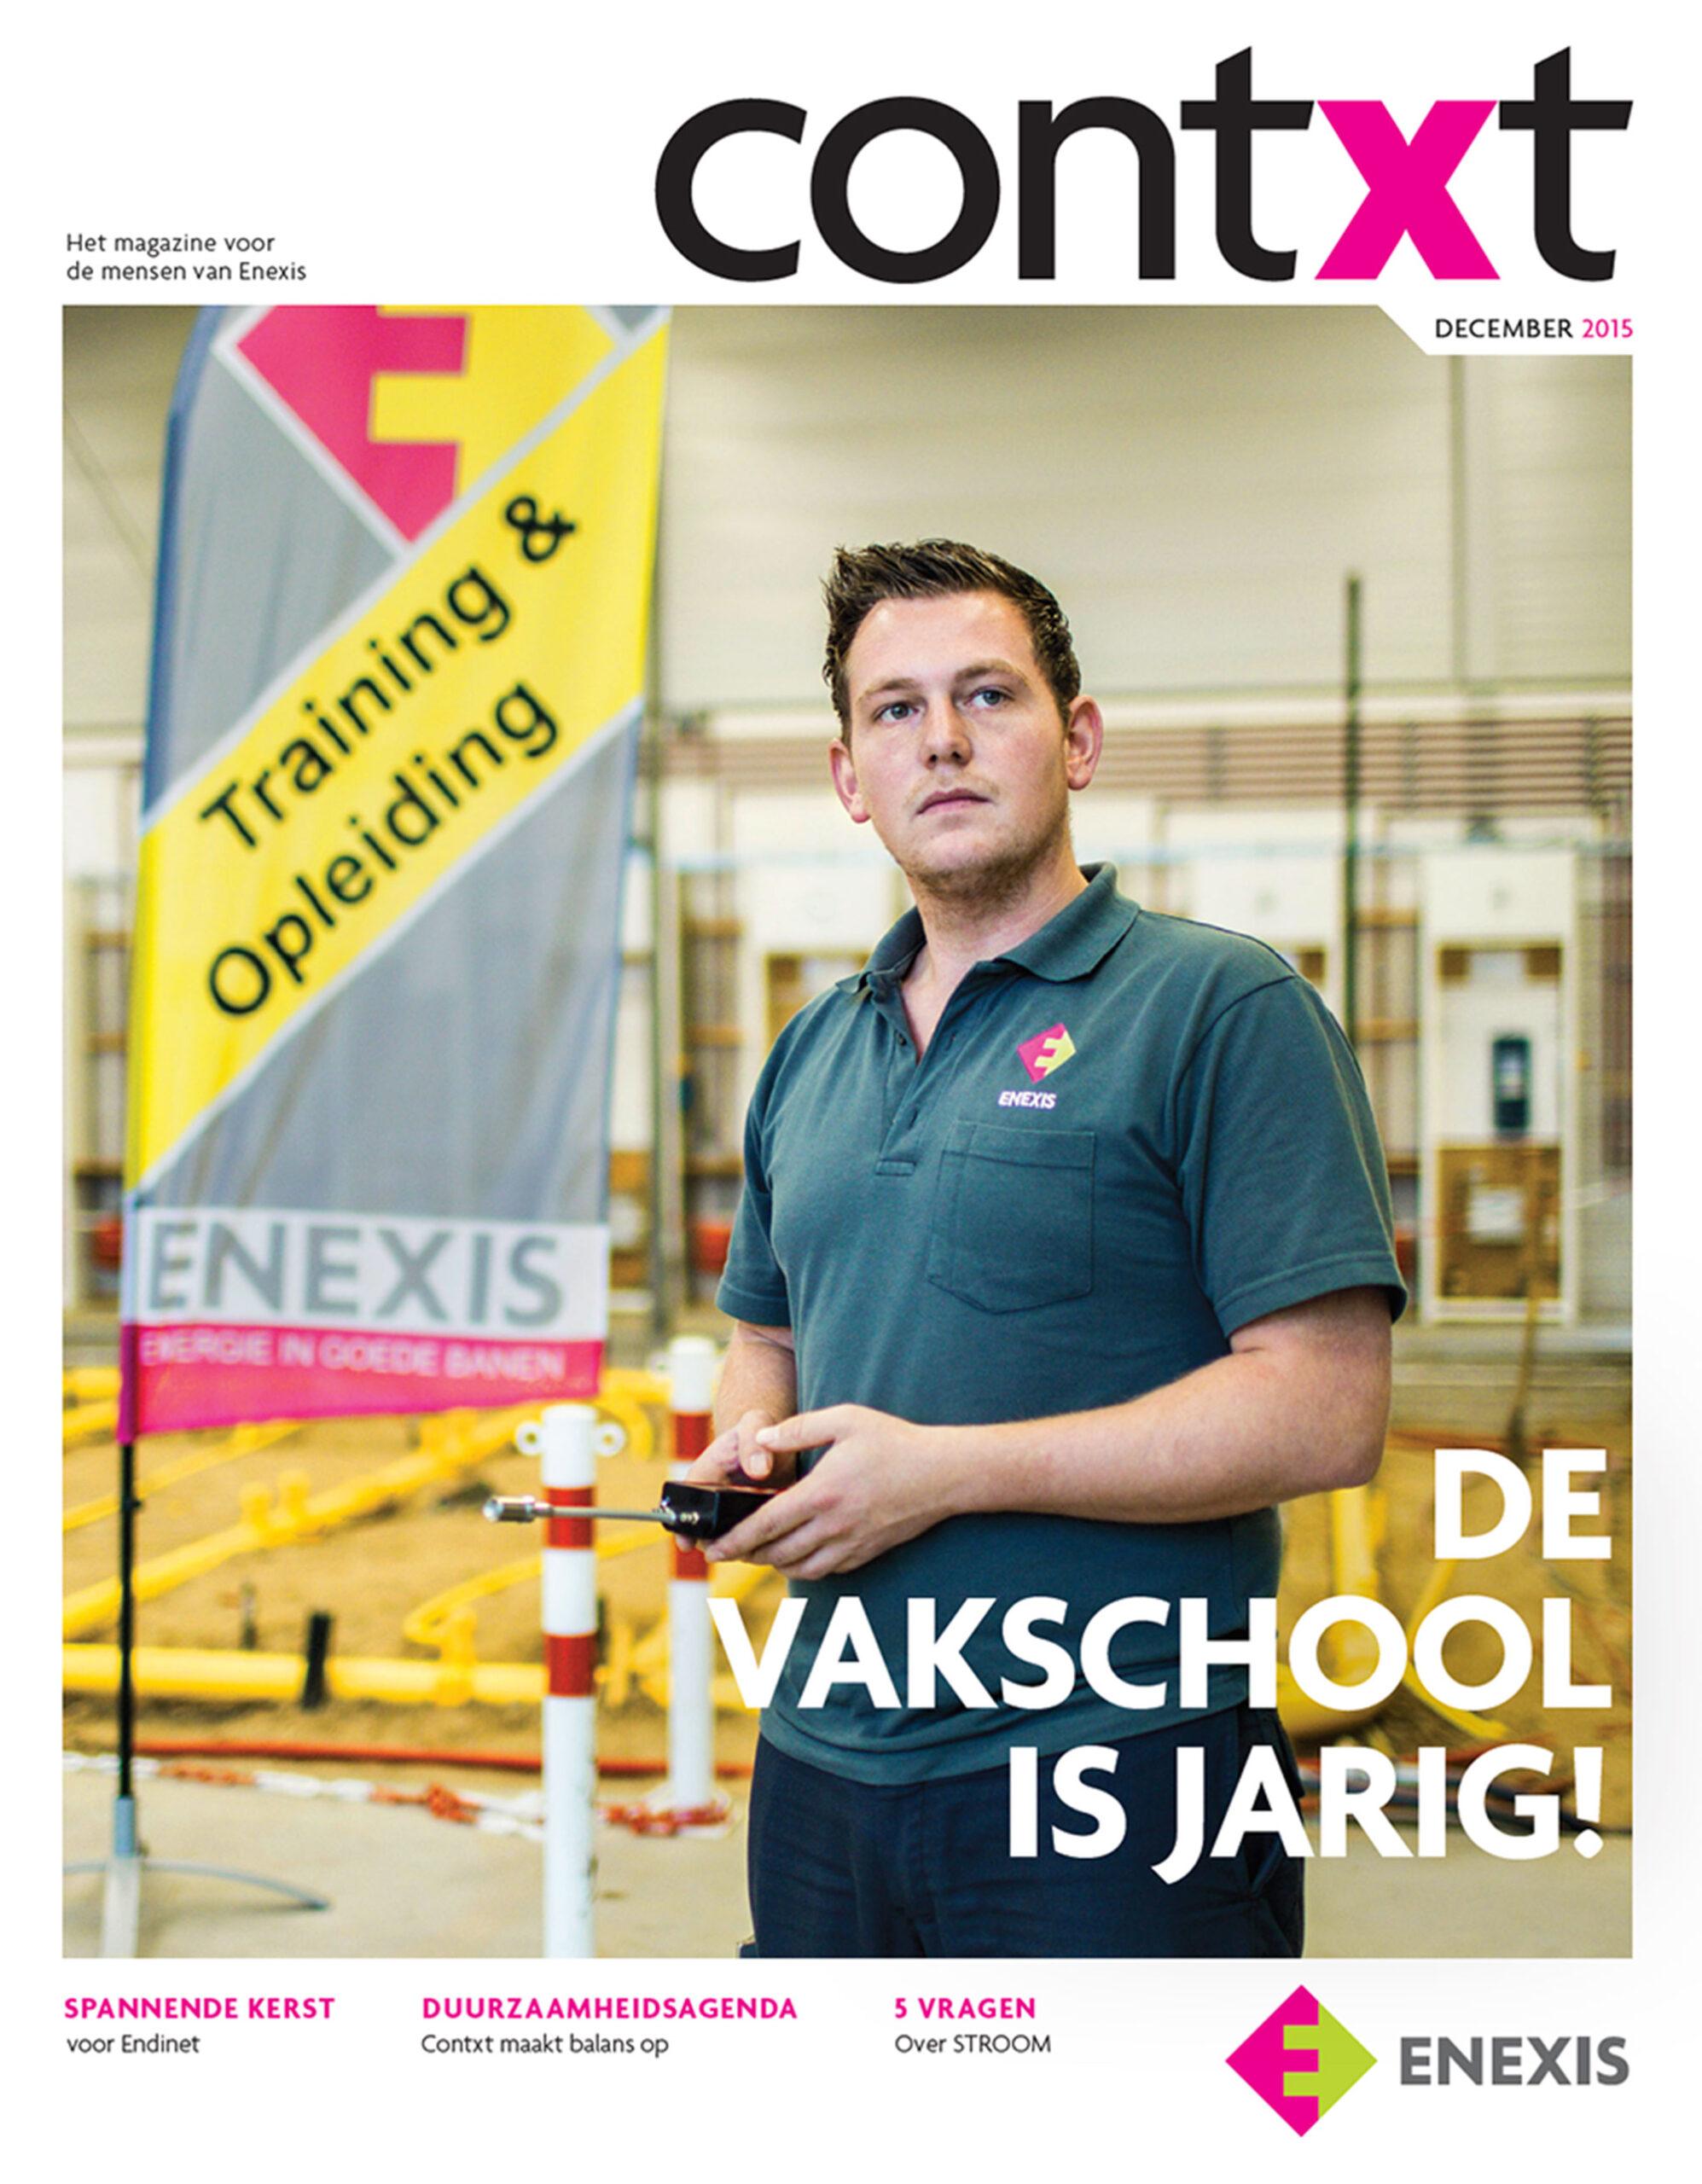 Magazine Contxt in opdracht van netbeheerder Enexis